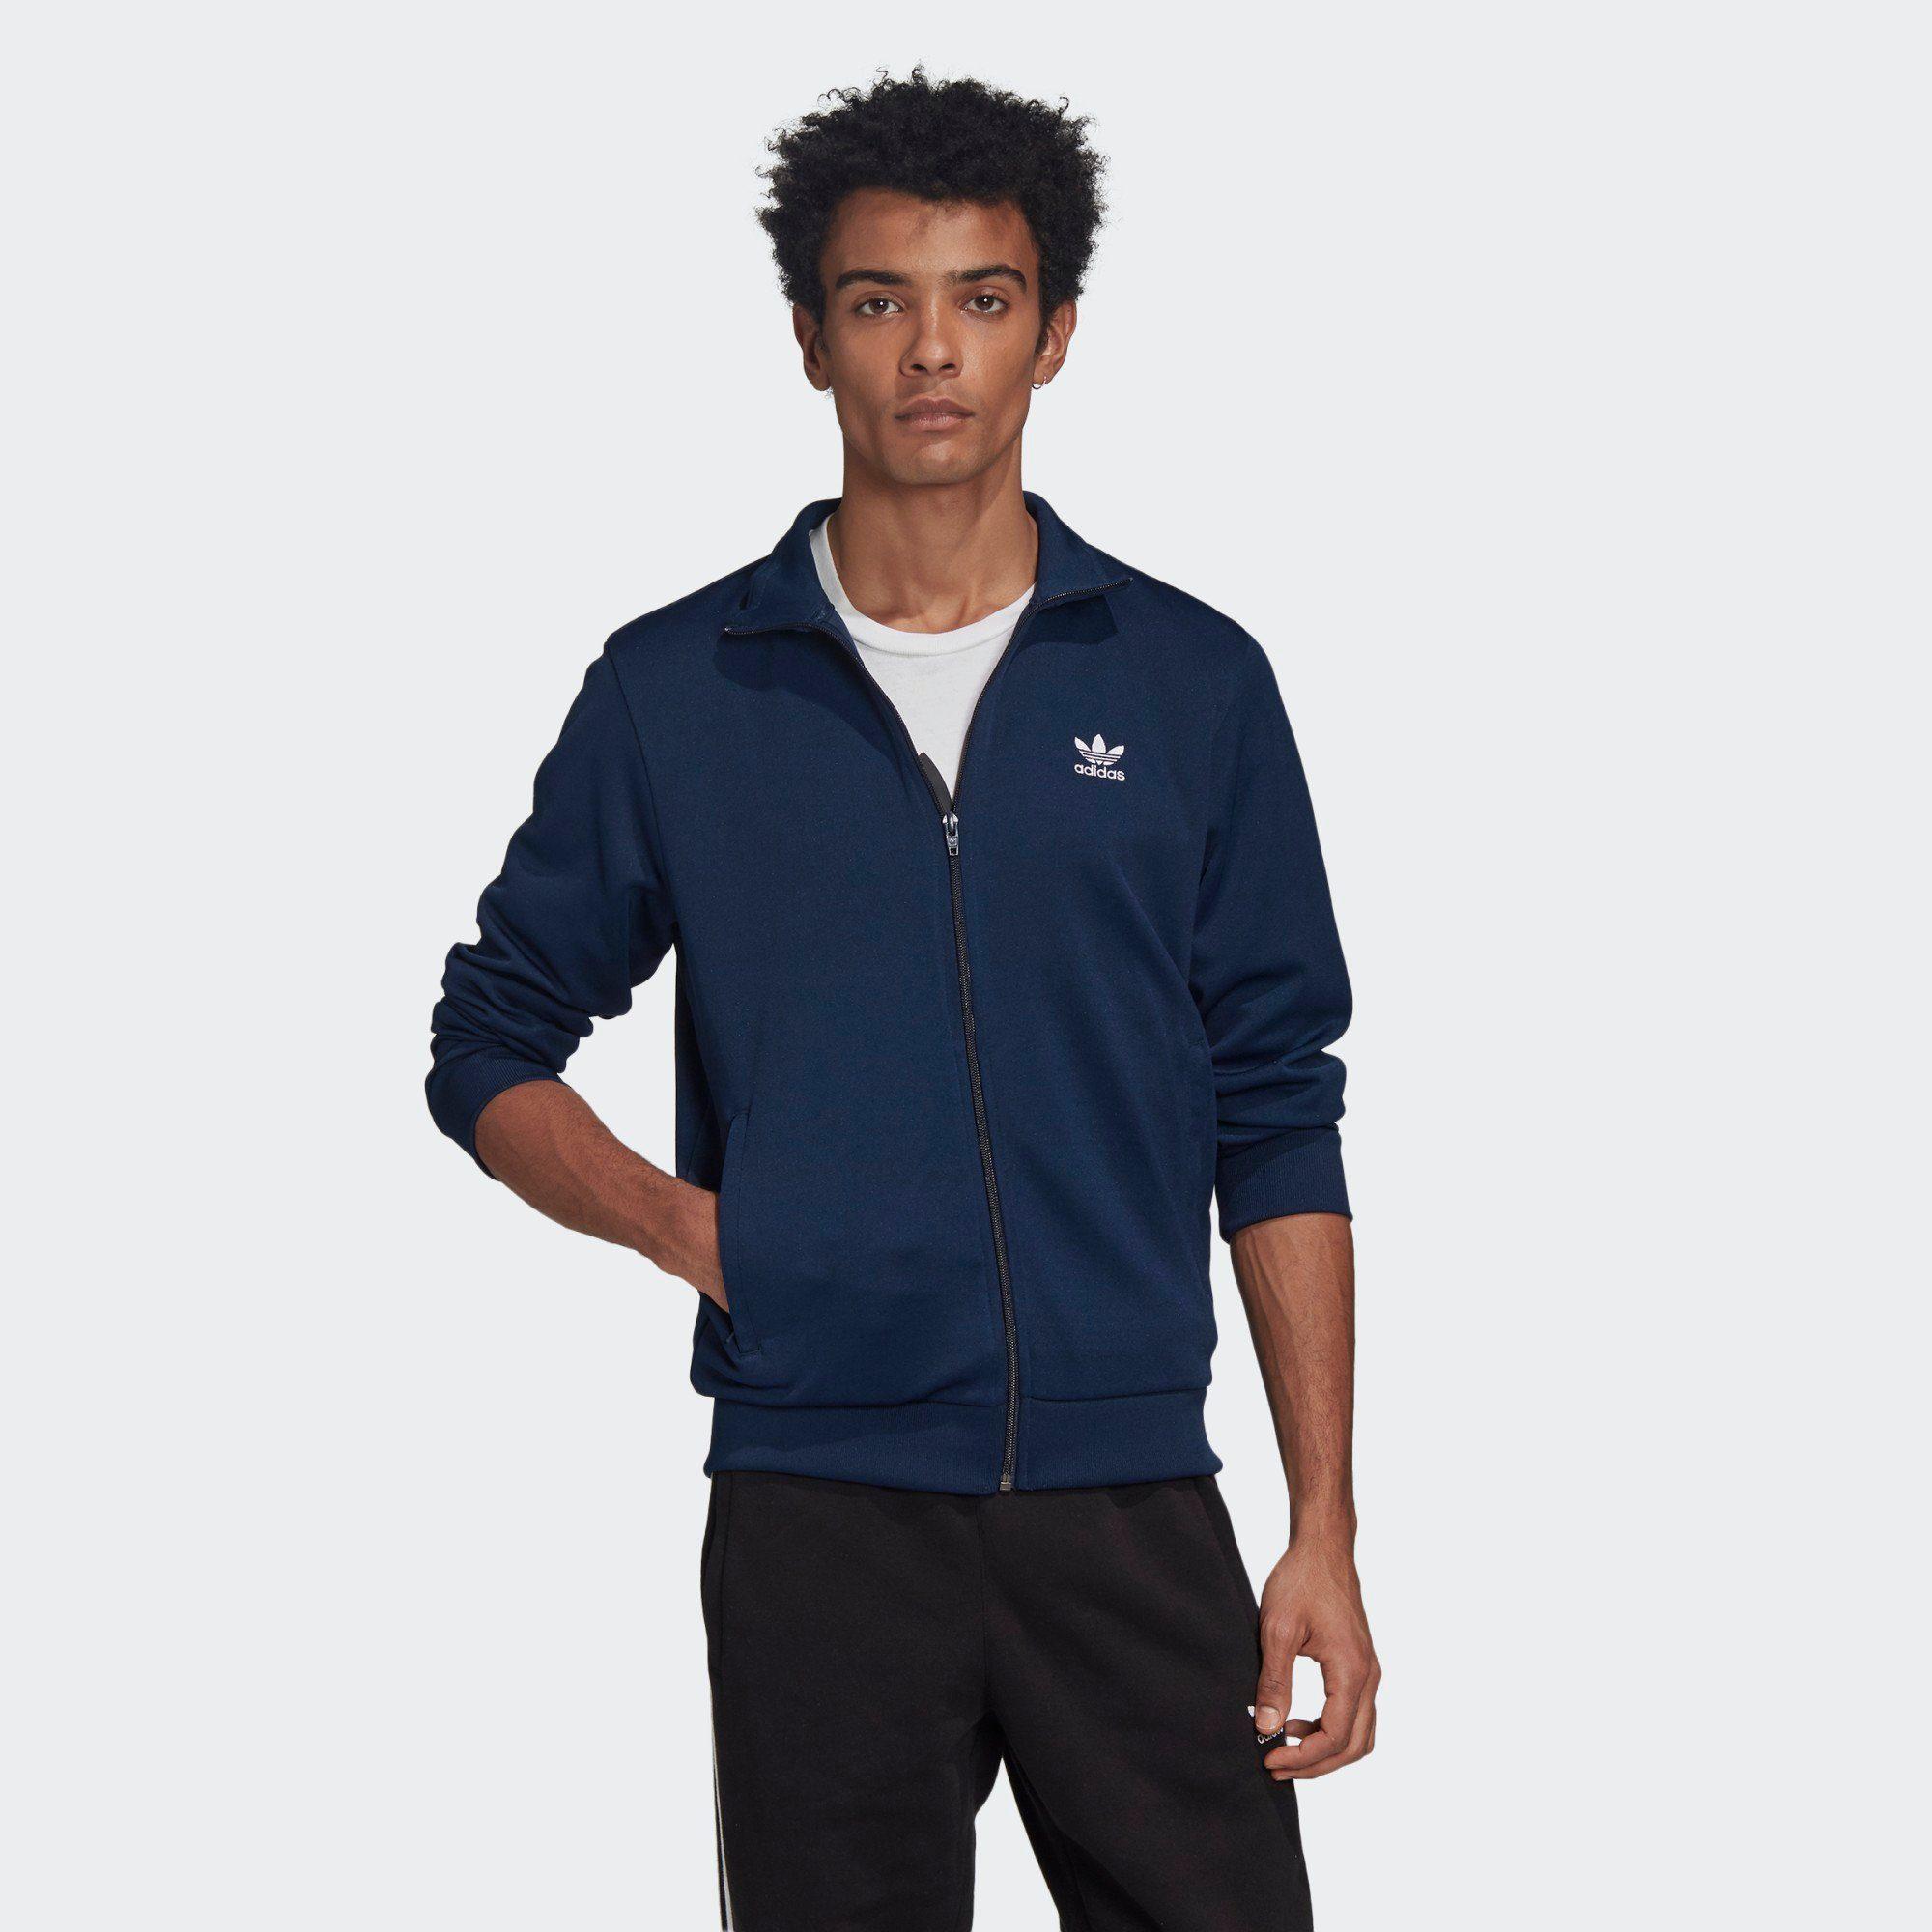 adidas Originals Sweatjacke »Trefoil Essentials Originals Jacke« online kaufen | OTTO